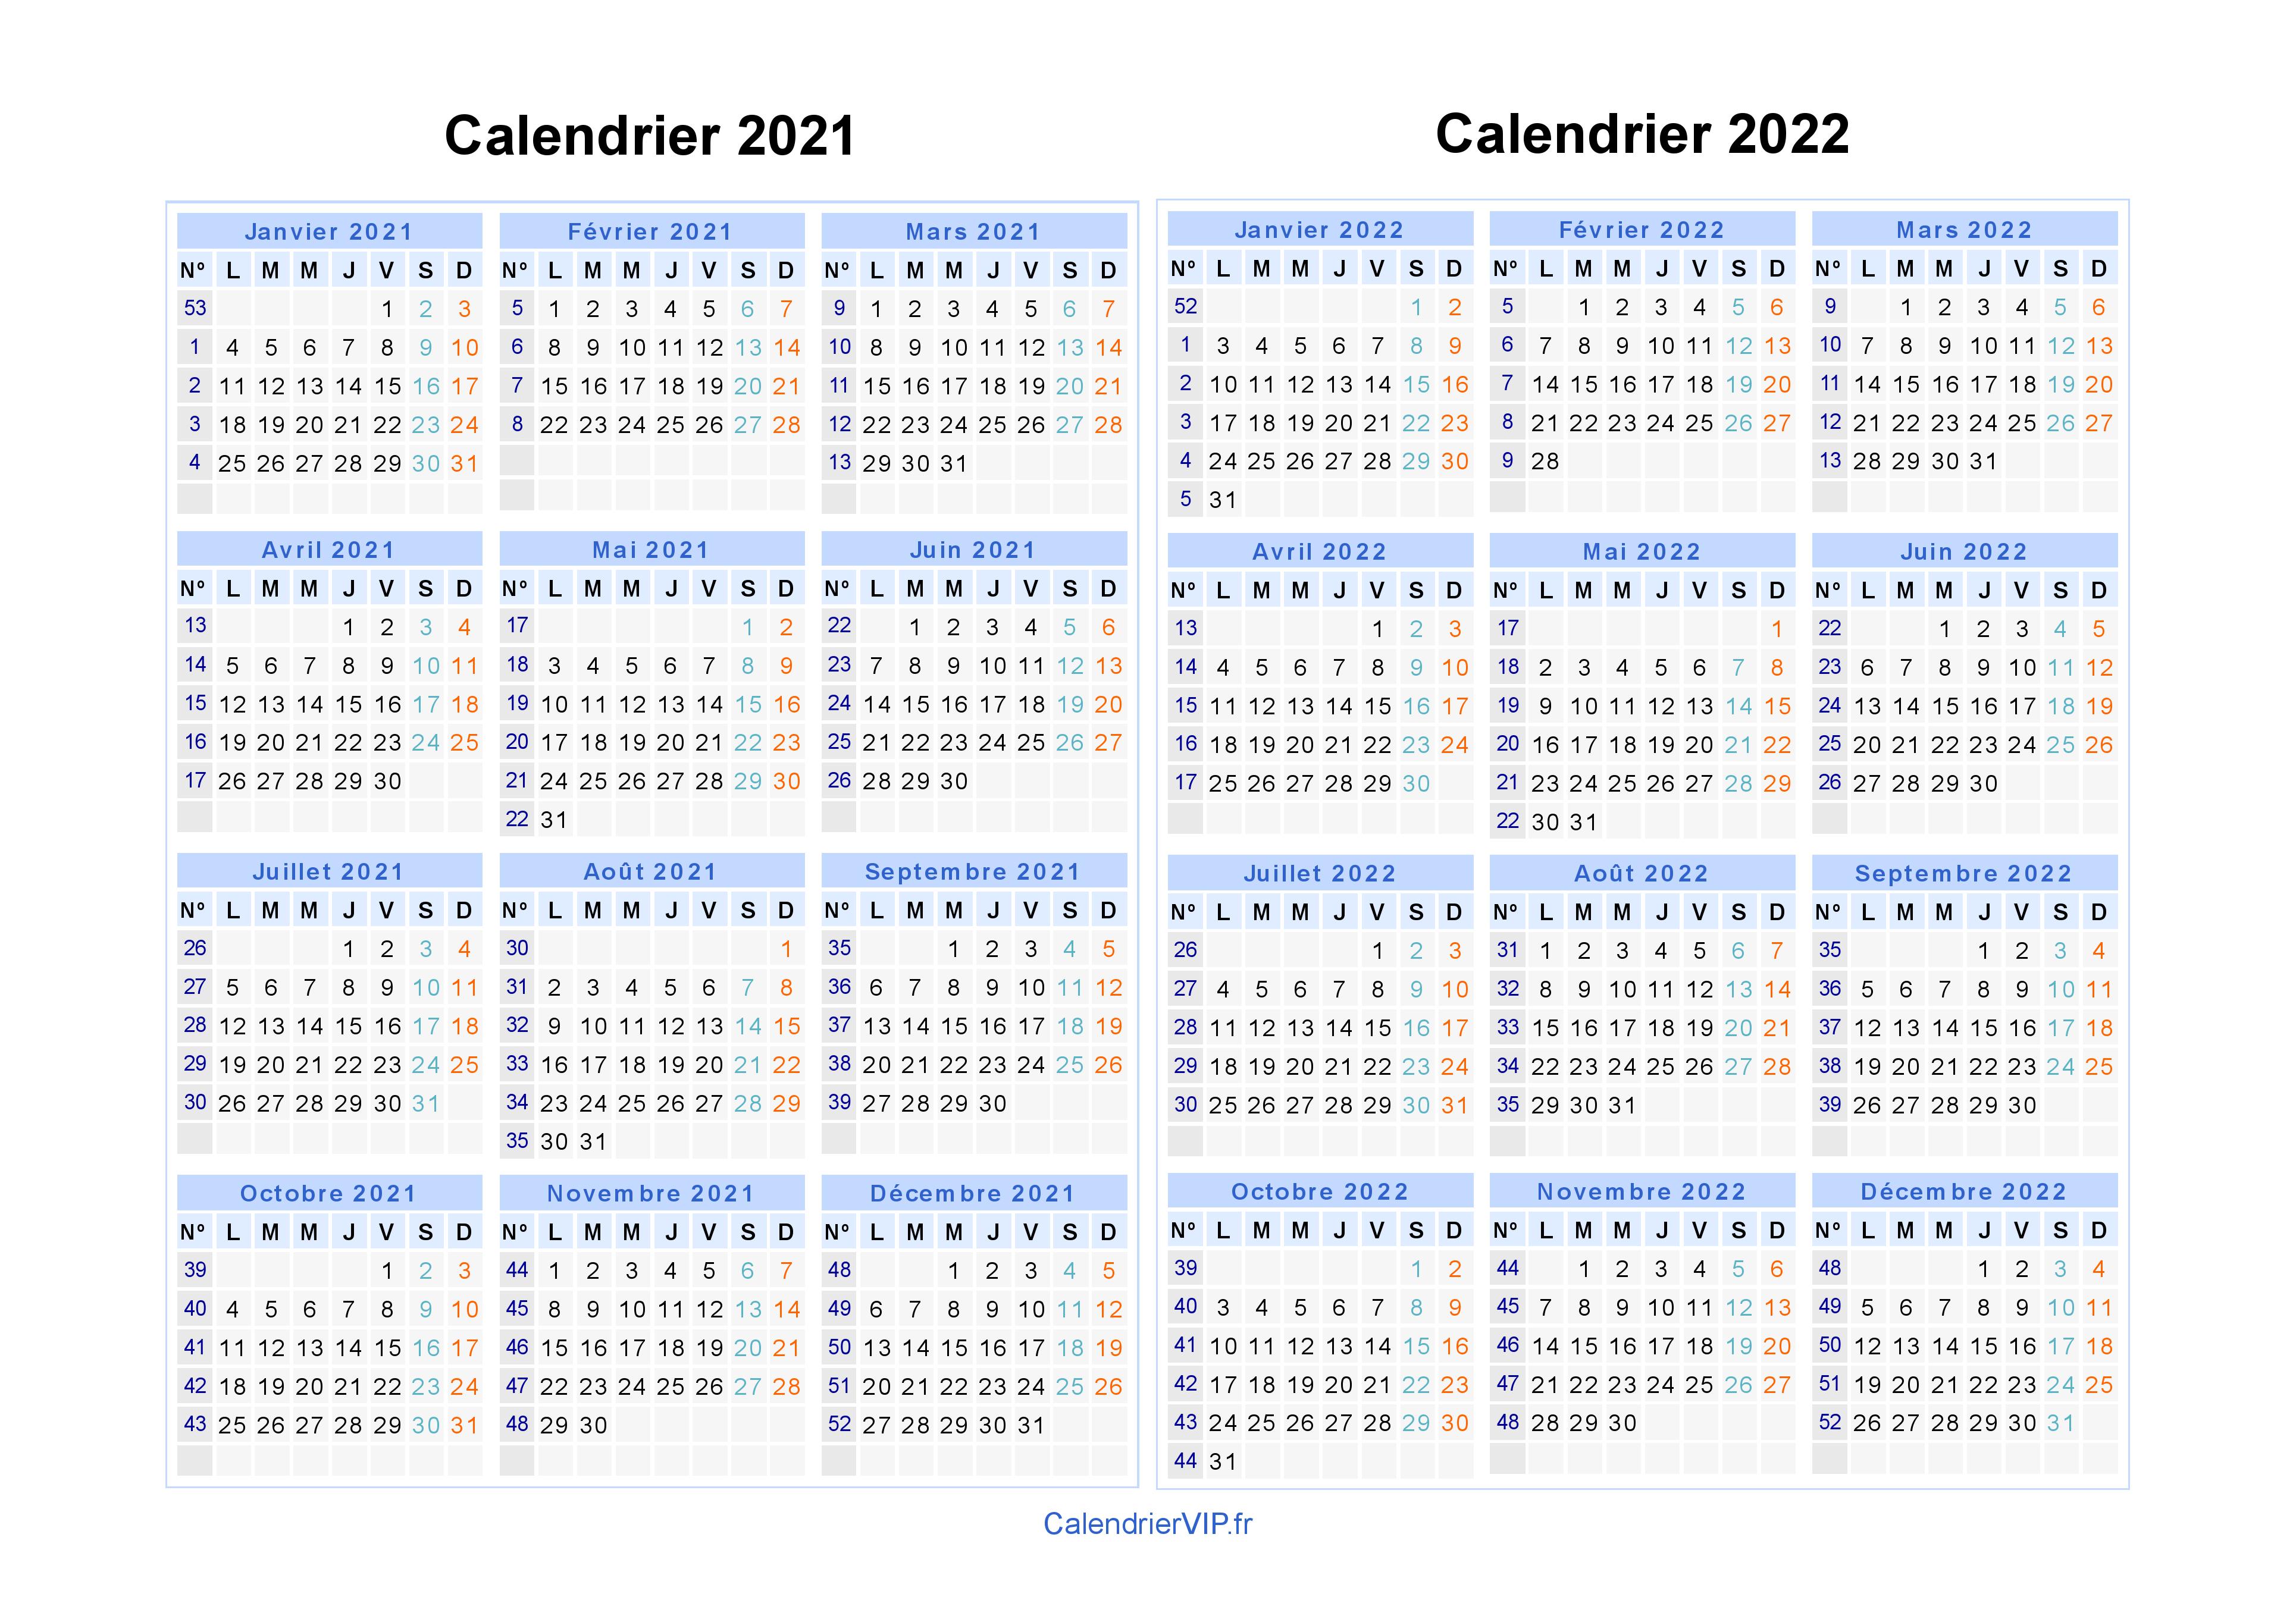 Calendrier Annee Scolaire 2021 2022 Calendrier 2021 2022 à imprimer gratuit en PDF et Excel